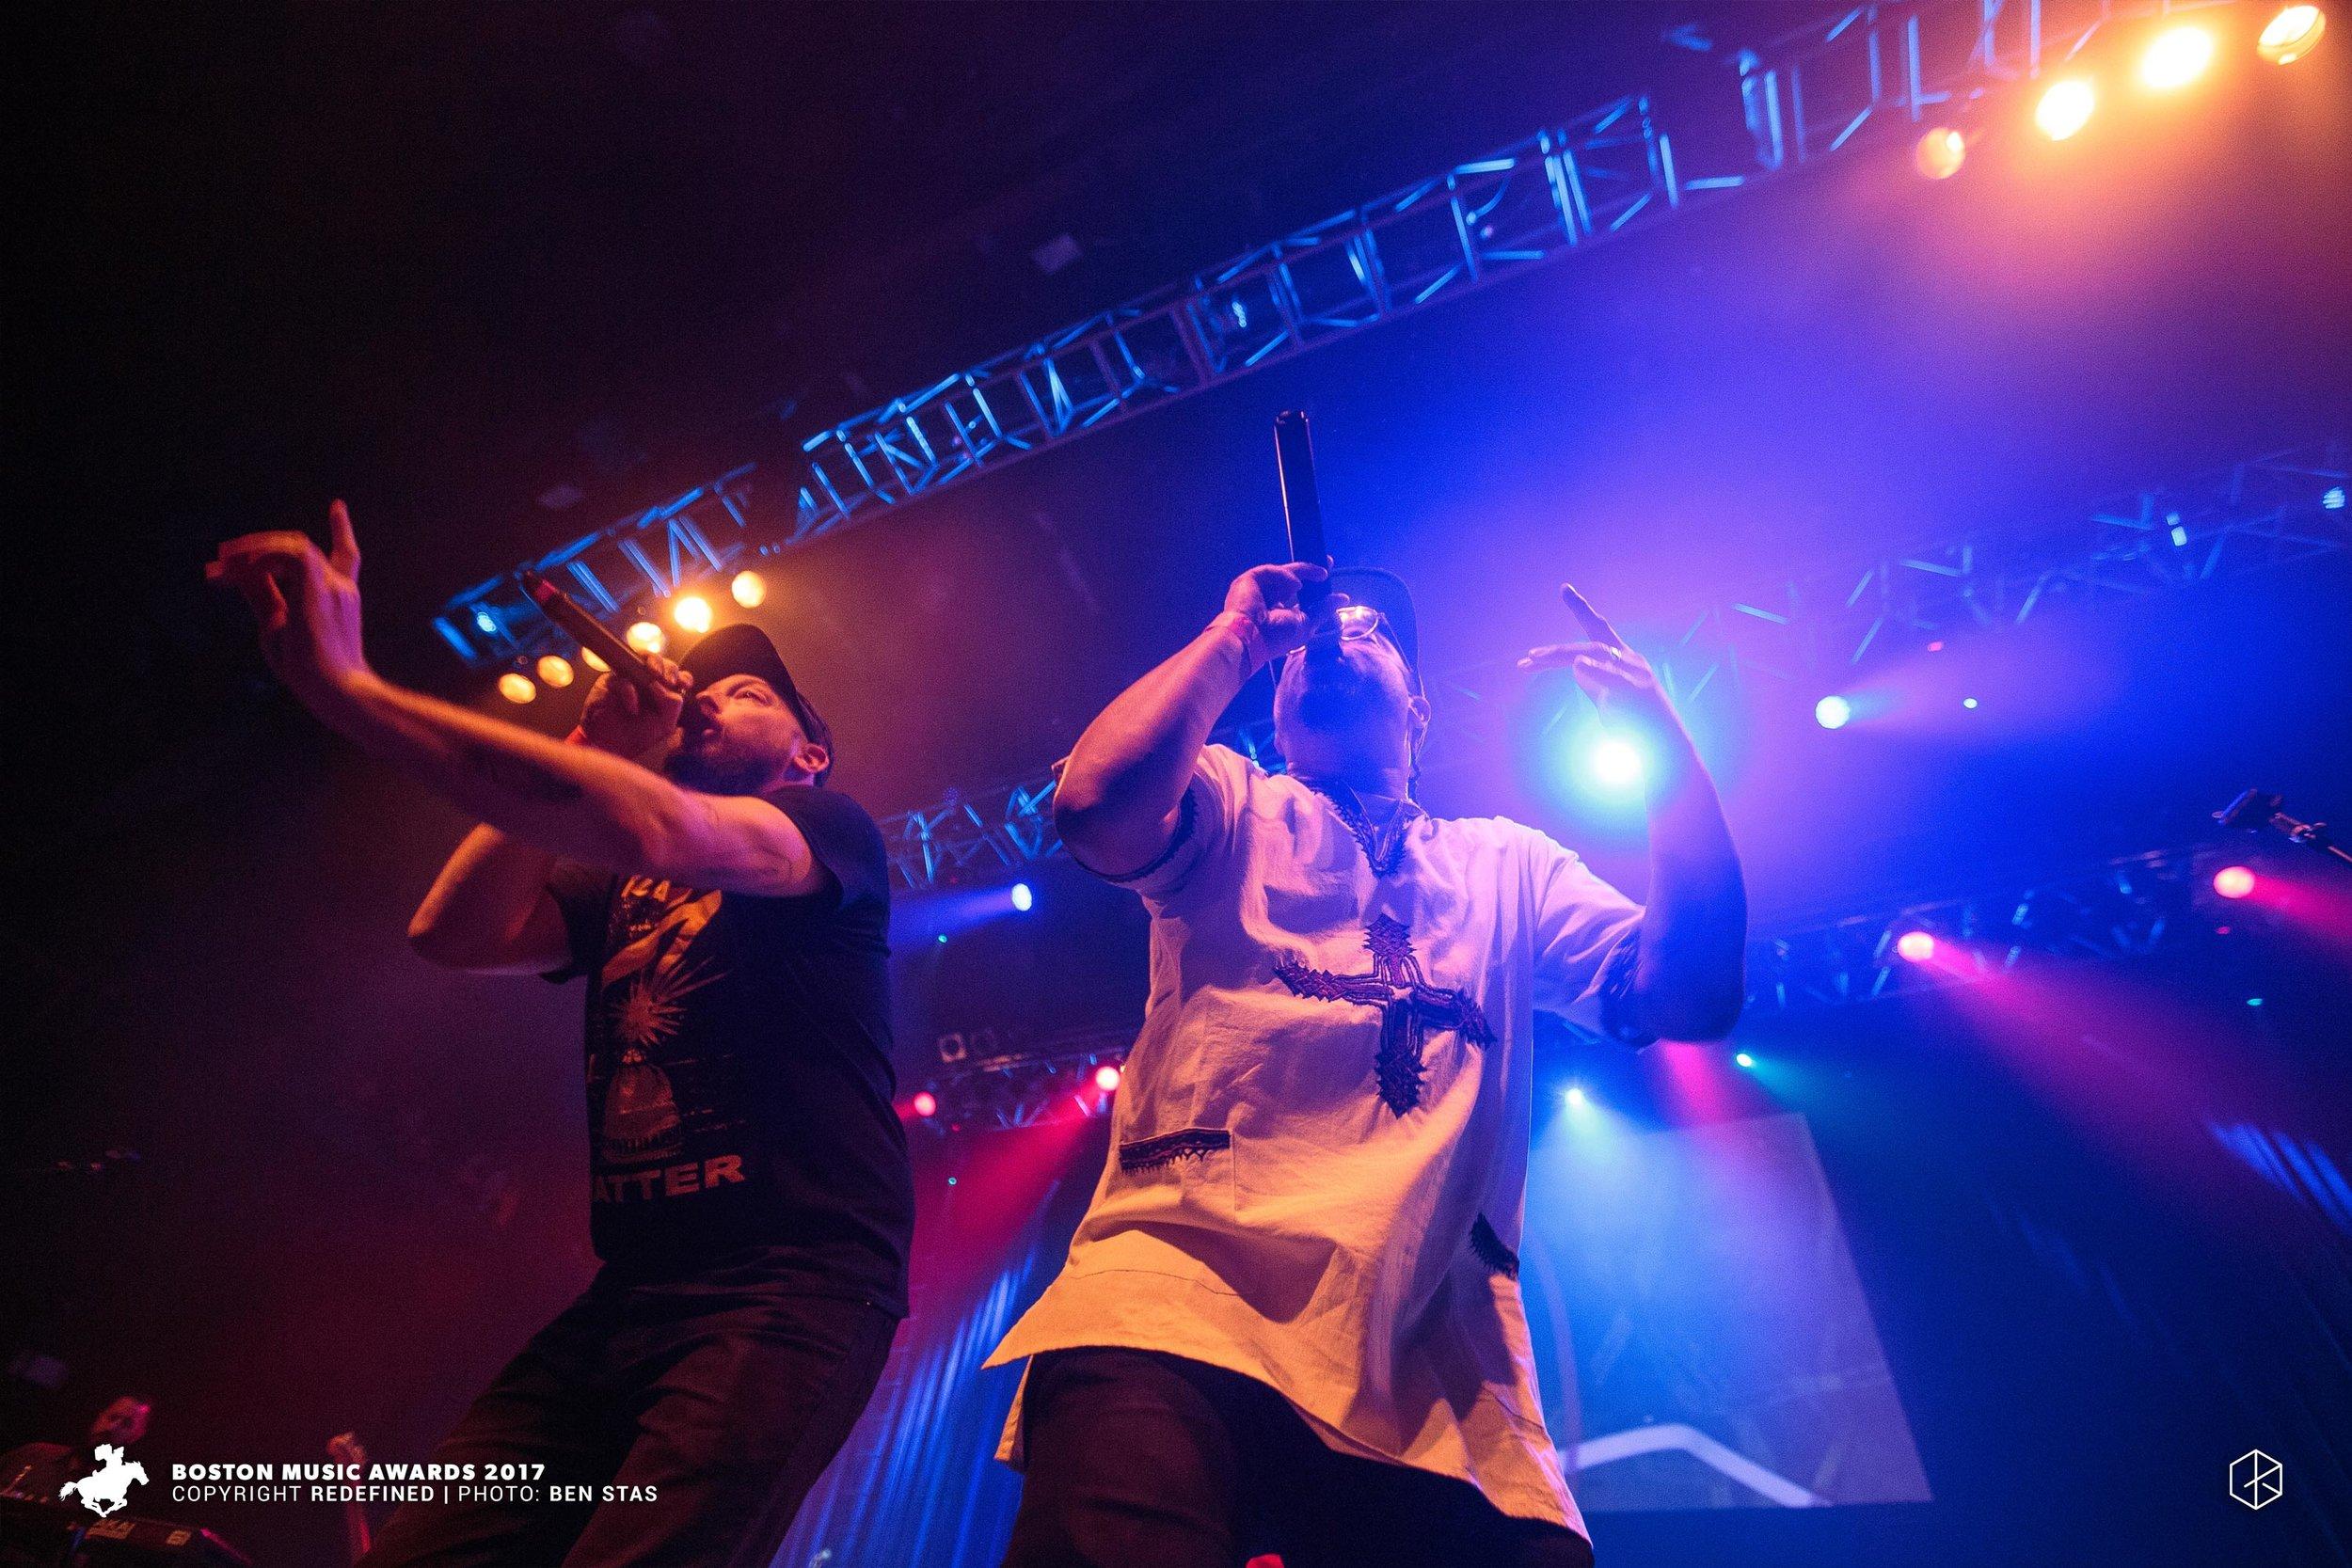 BostonMusicAwards-Ben60.jpg